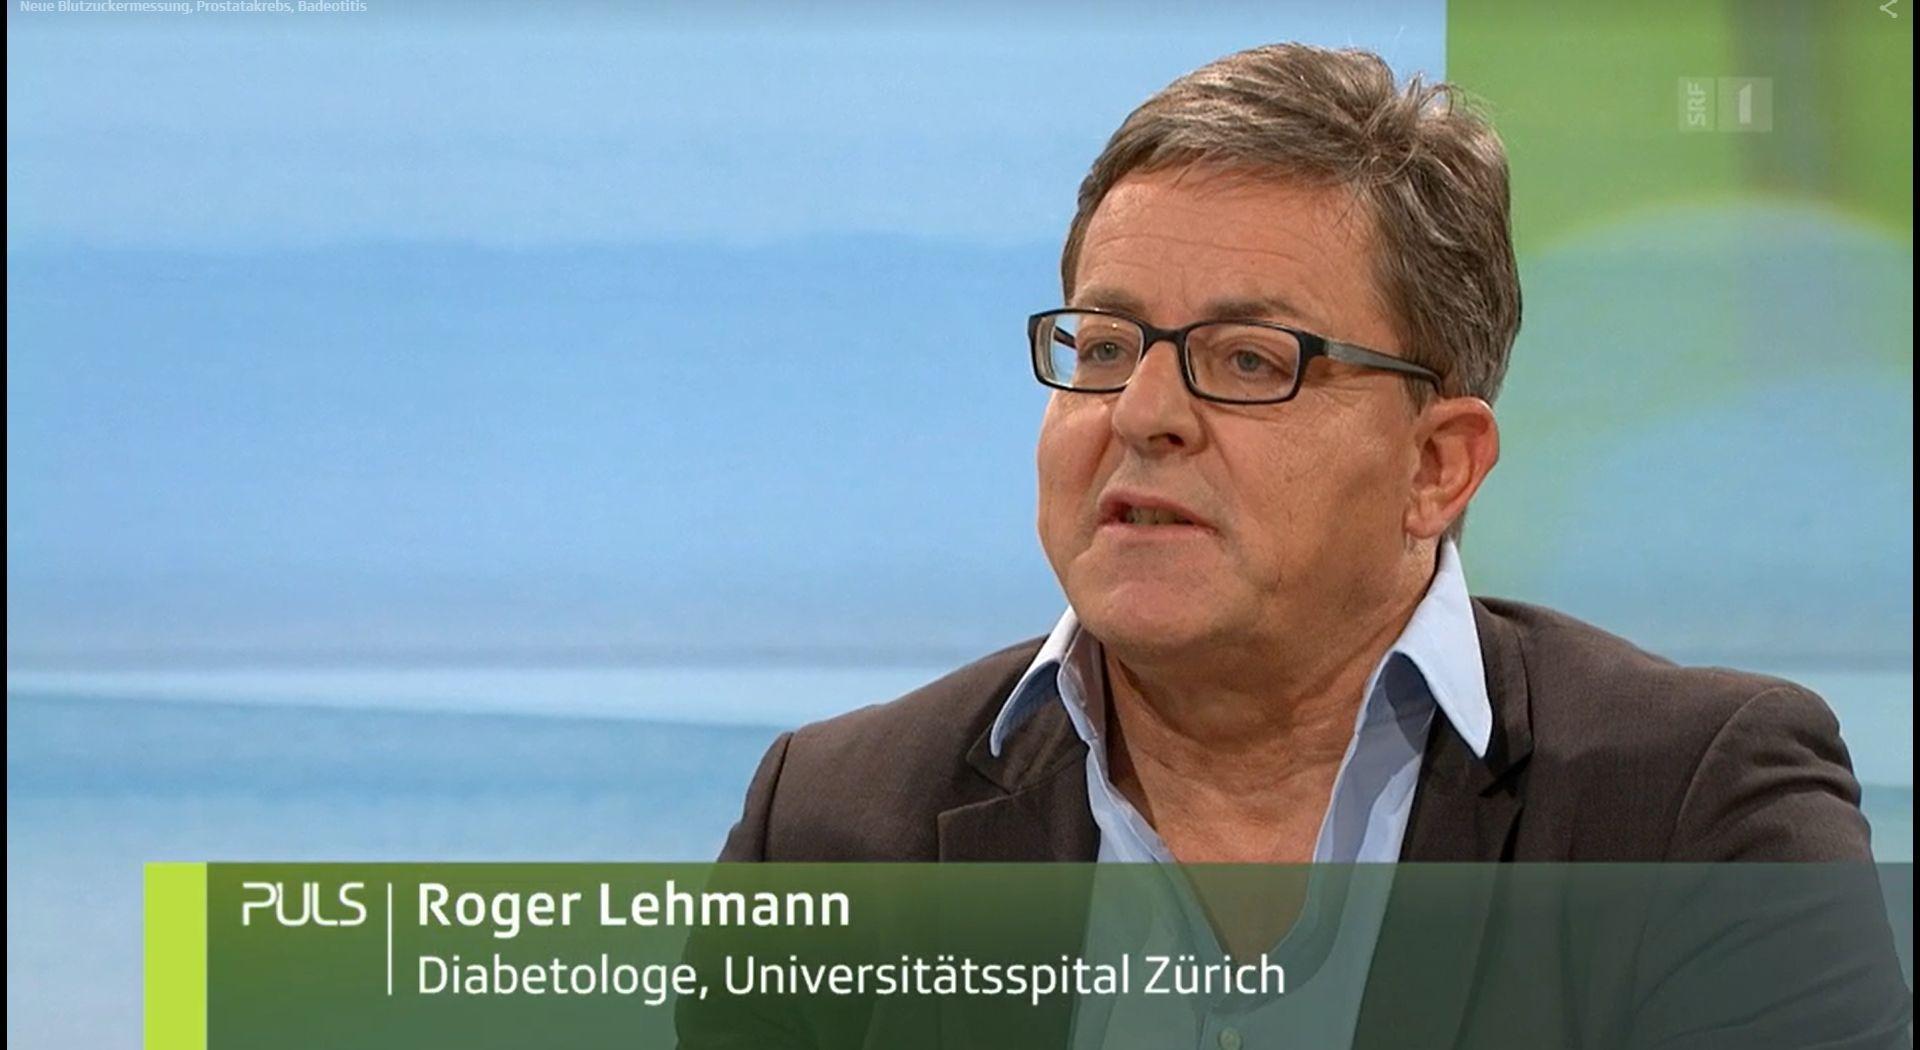 Video Platzhalter - SRF Puls zum mit Roger Lehmann